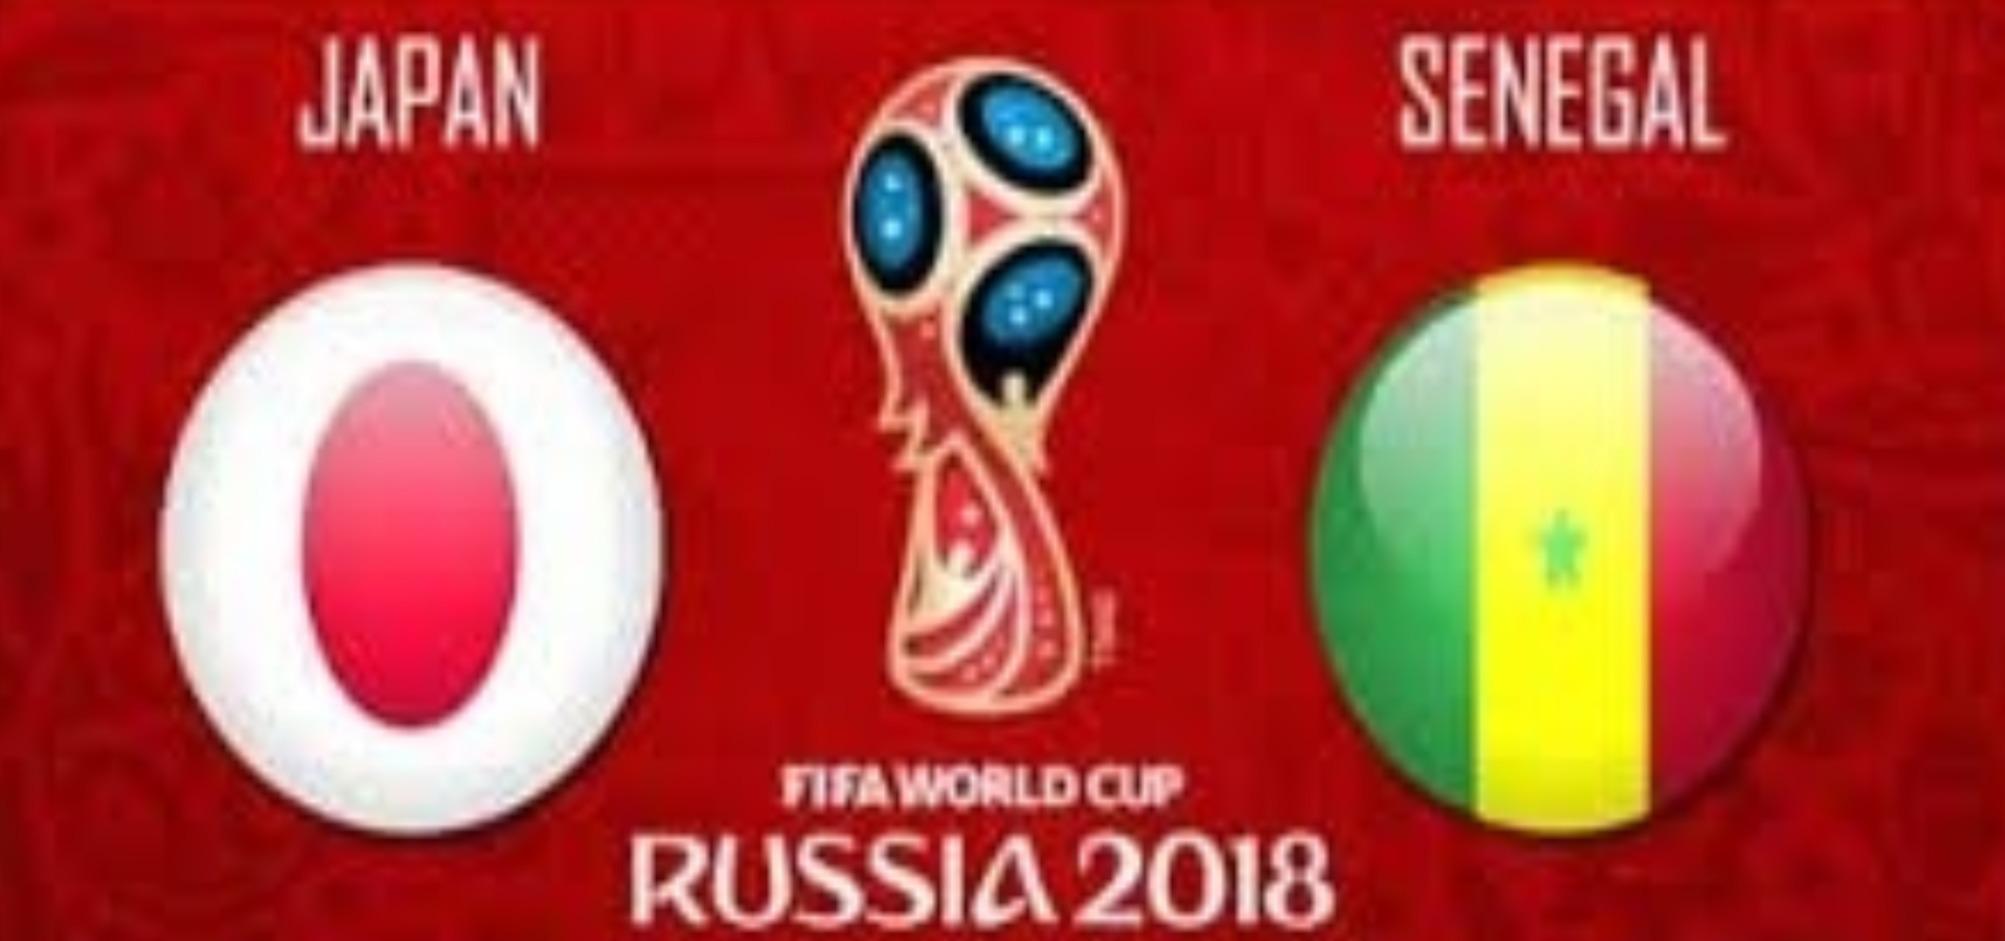 FIFA बुहुम कापआव सेनेगल आरो जापाना 2-2 मोन्नो हायो